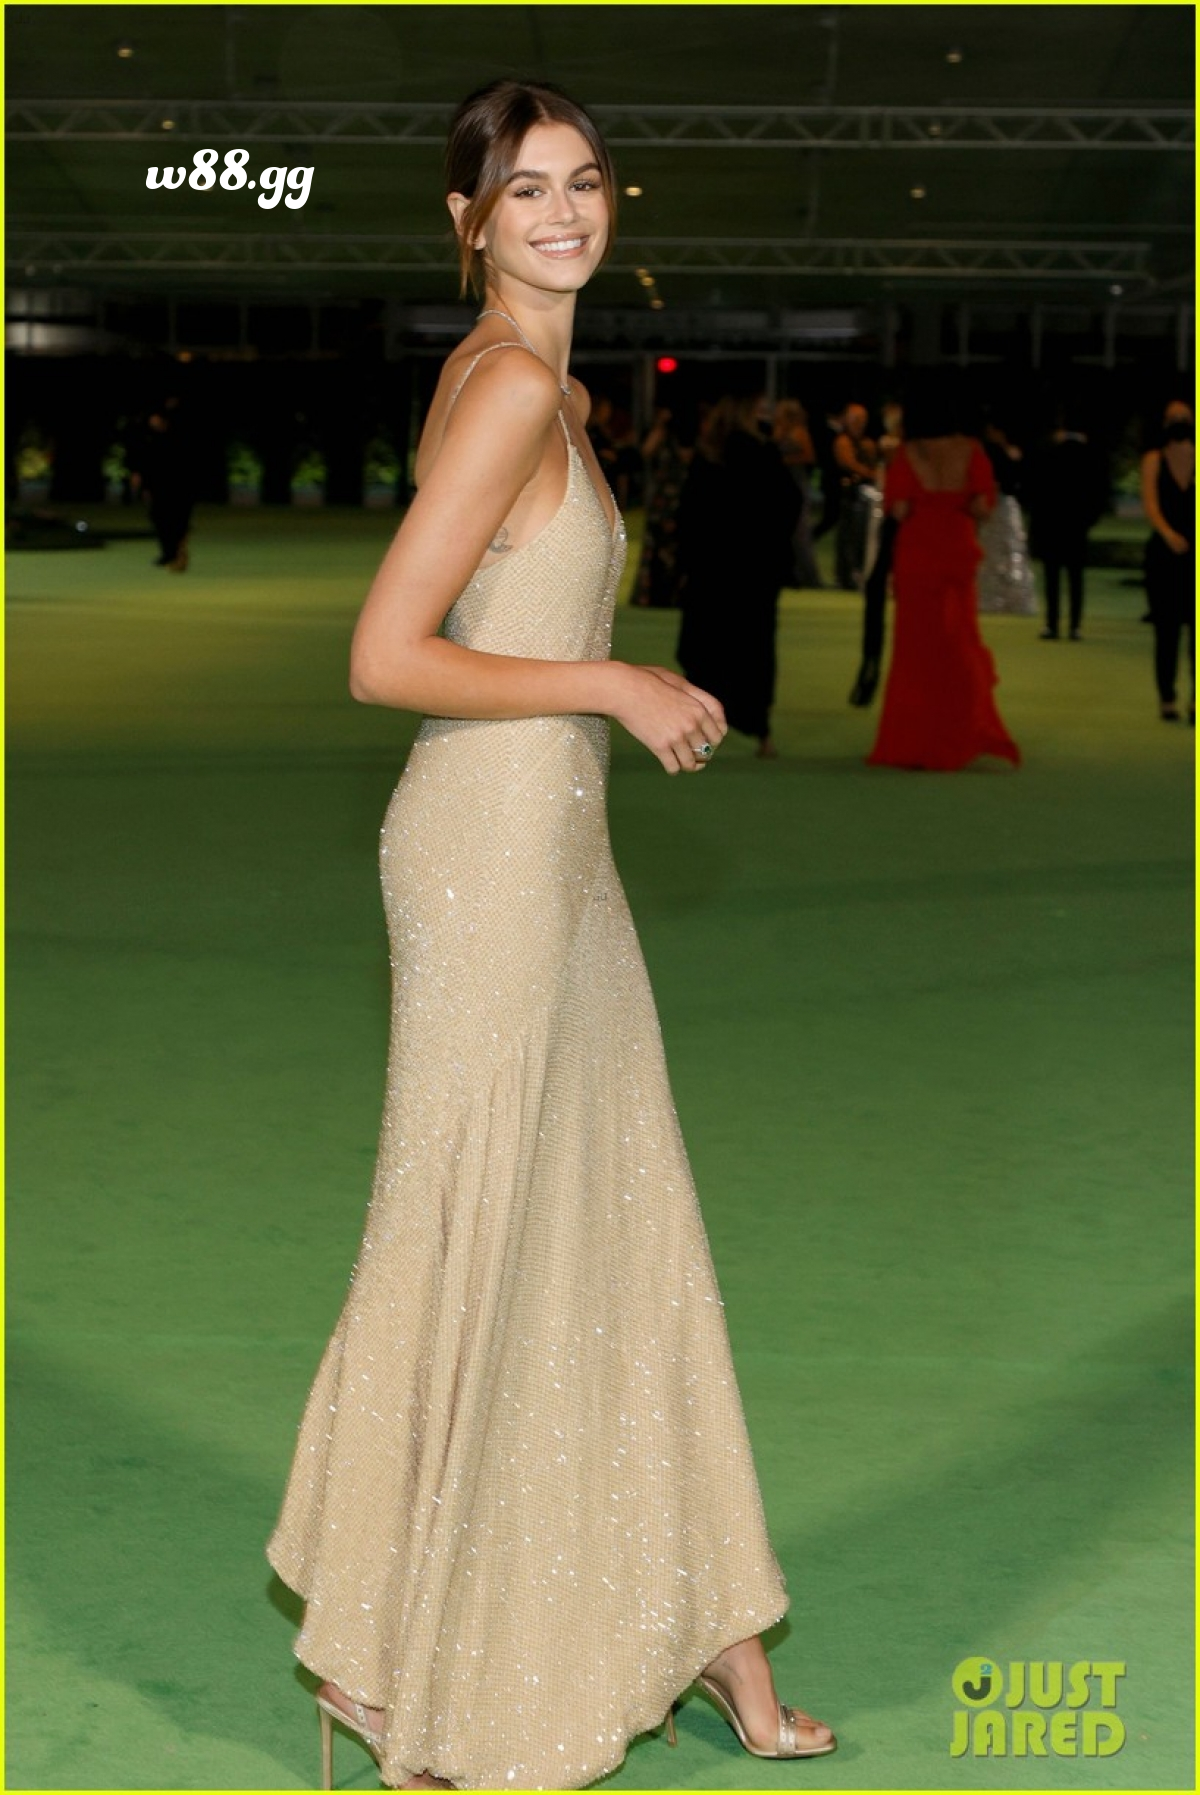 Kaia Gerber sở hữu vẻ đẹp chuẩn người mẫu